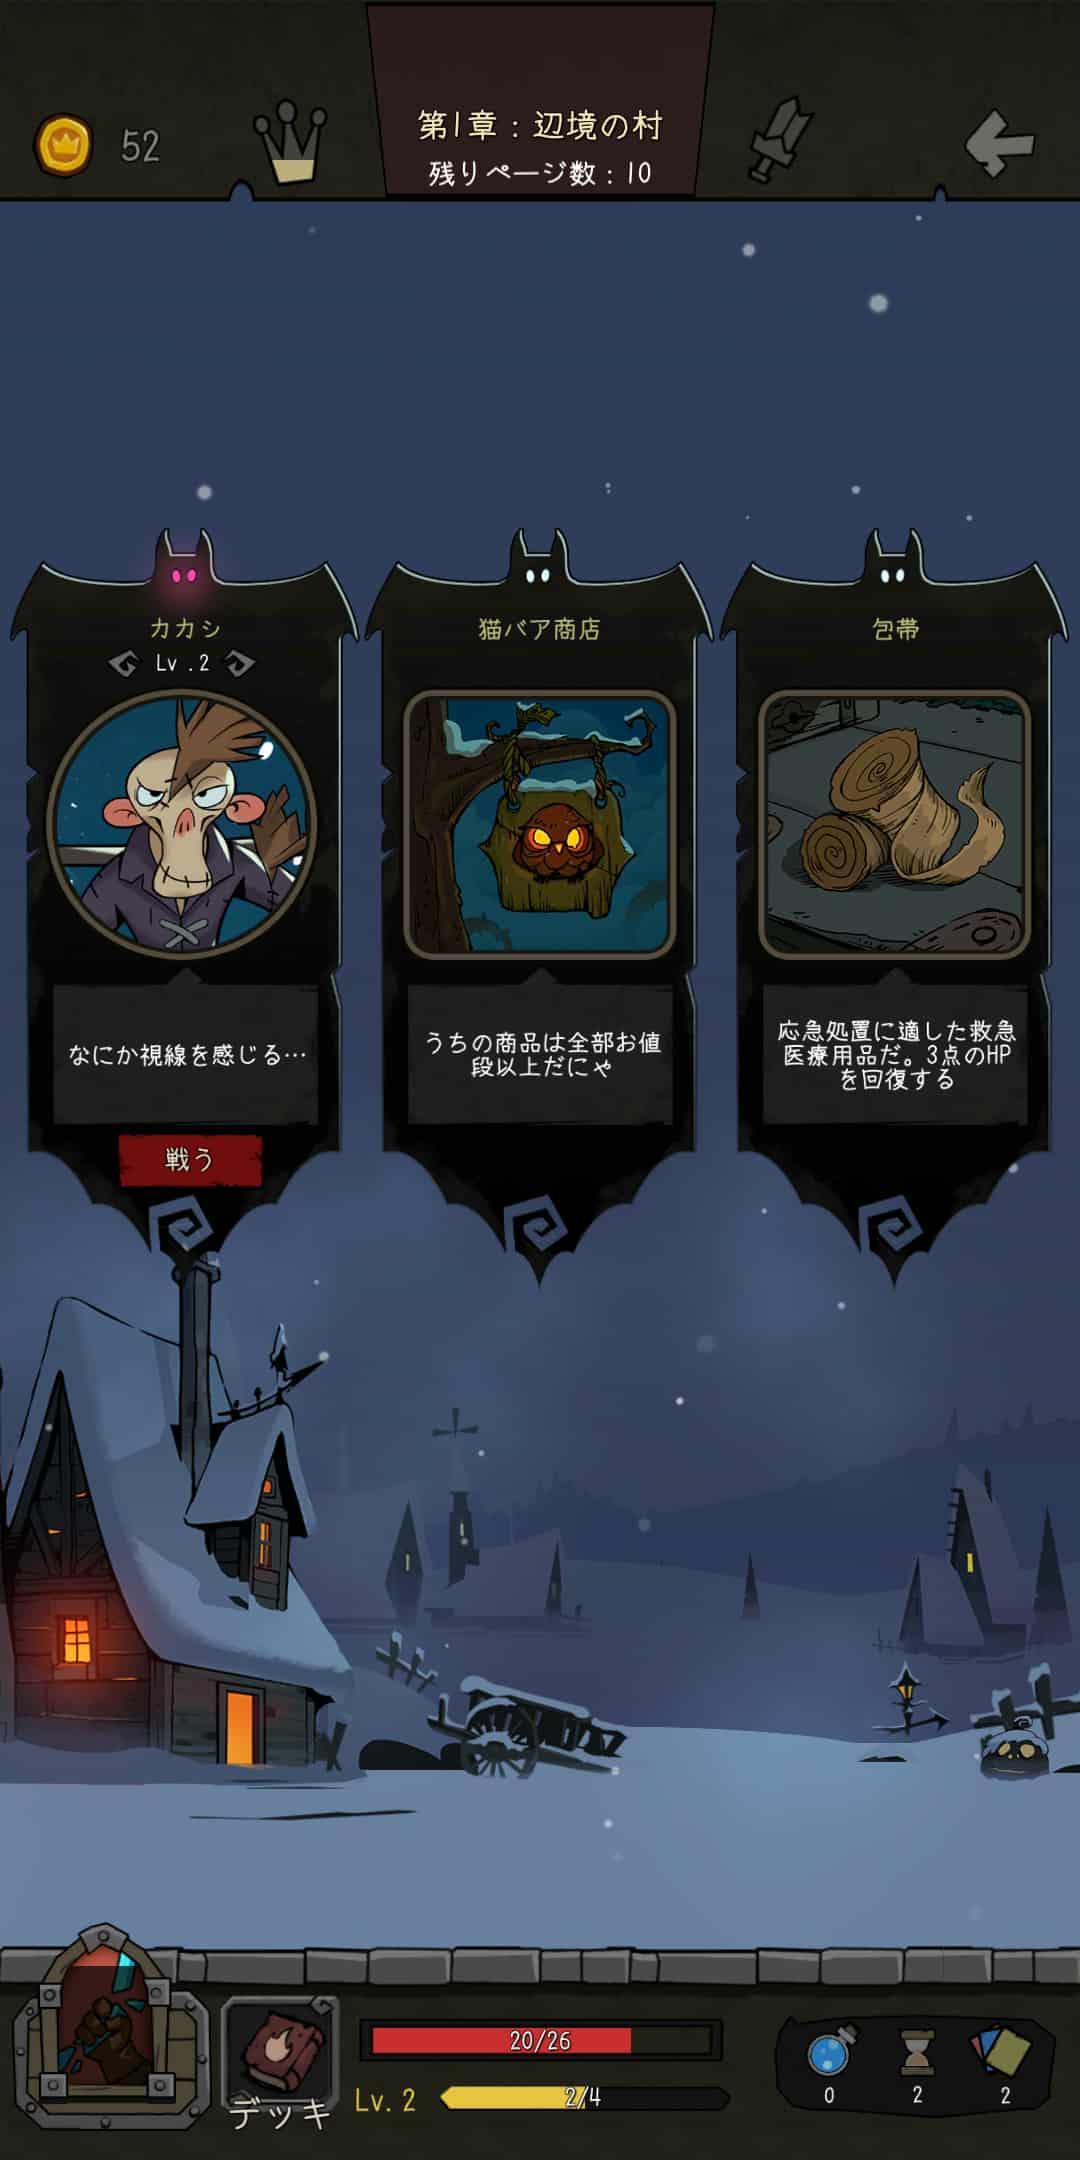 満月の夜、カードを組み合わせて戦う